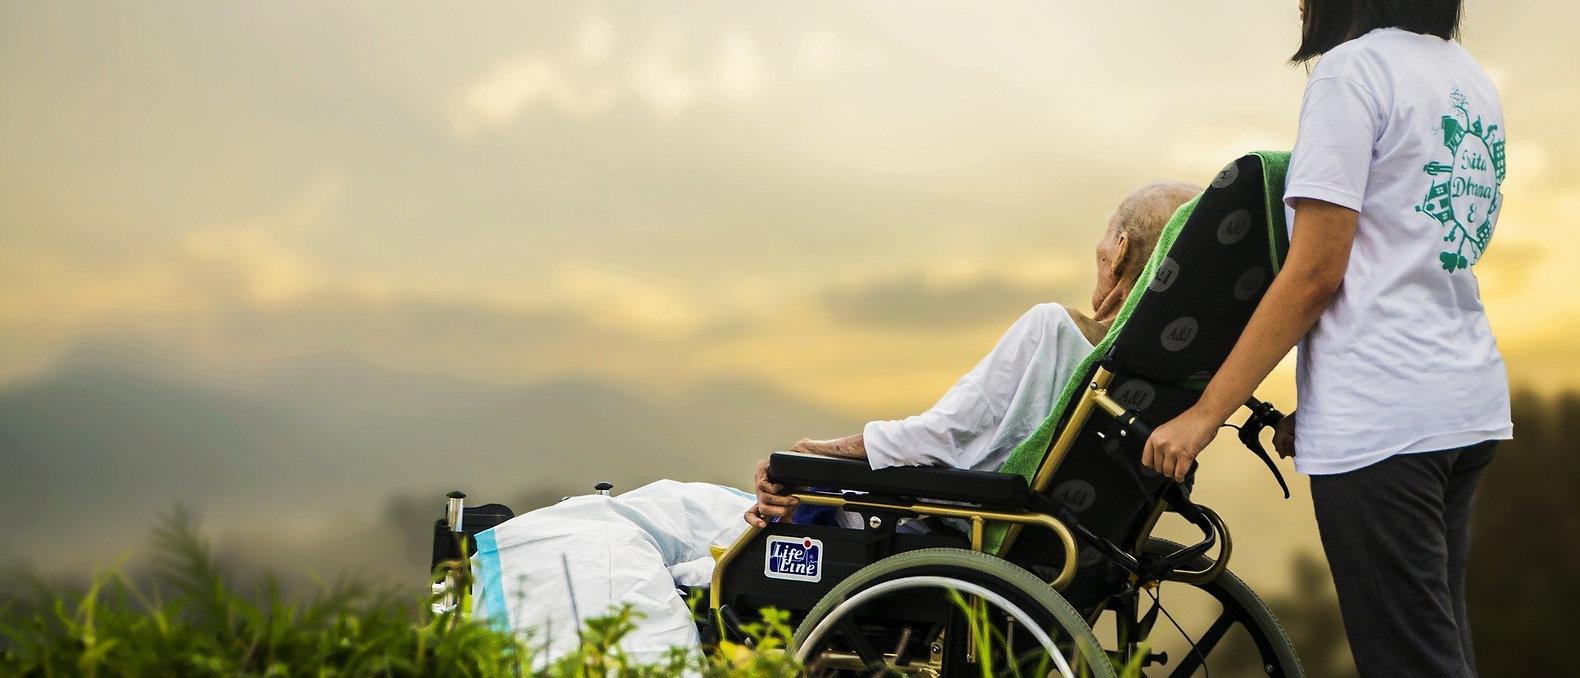 Pflegereisen, Urlaub im Pflegehotel | Anders reisen, alternative Reisen, Reisetrends, außergewöhnliche Reisen, exklusive Reisen